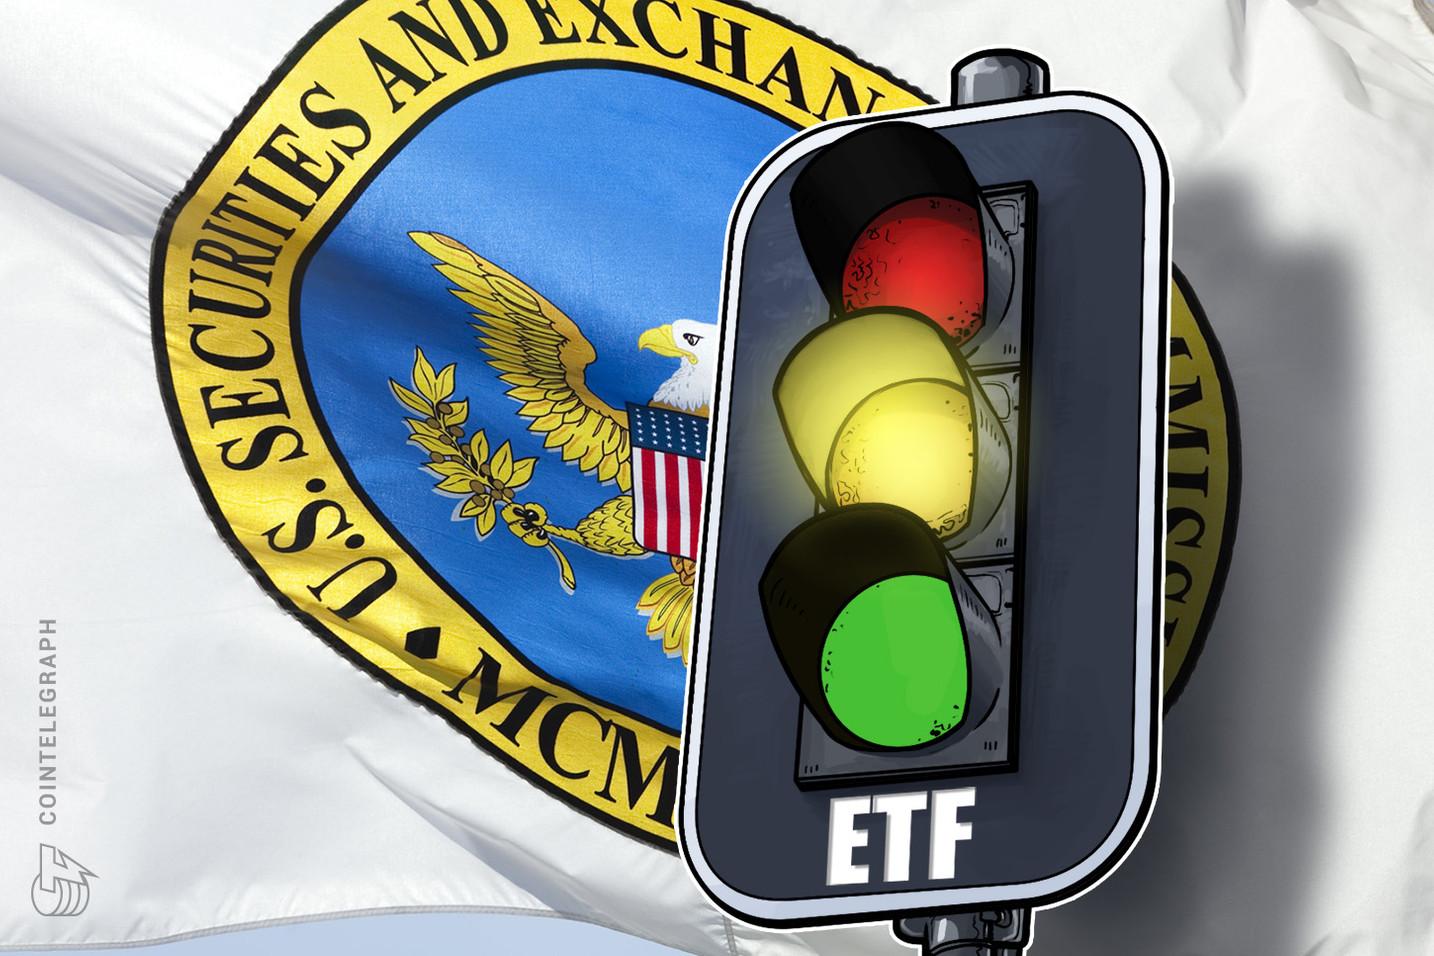 米SEC、米運用会社ディレクシオンのビットコインETFの可否決定を9月に延期